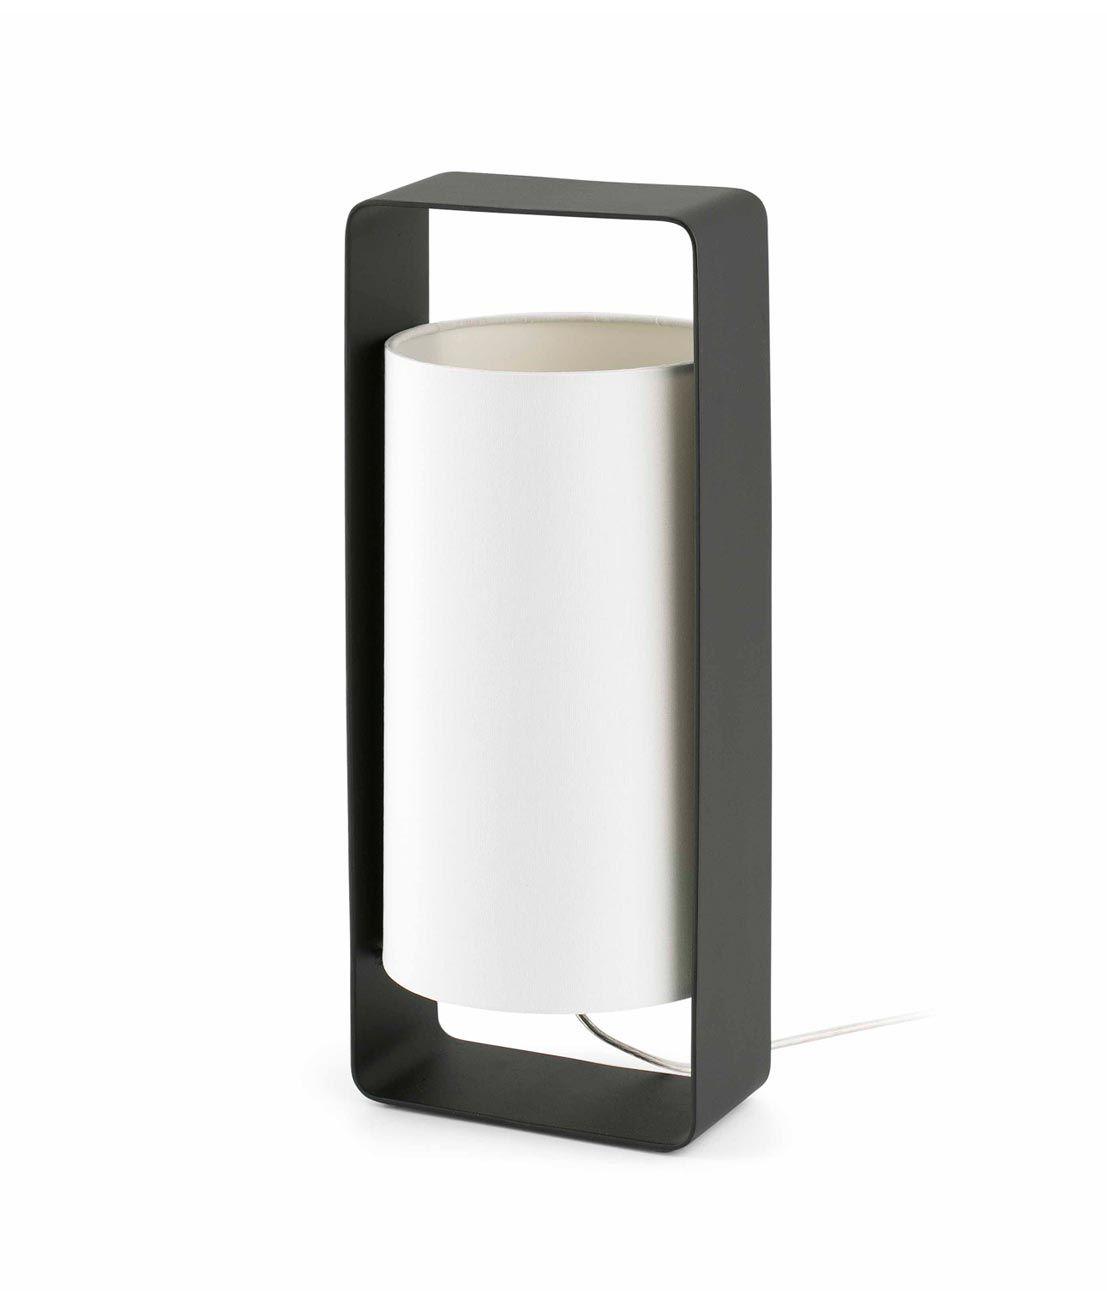 mesa de y negra grande LULALámparas blanca de Lámpara m8w0vNn